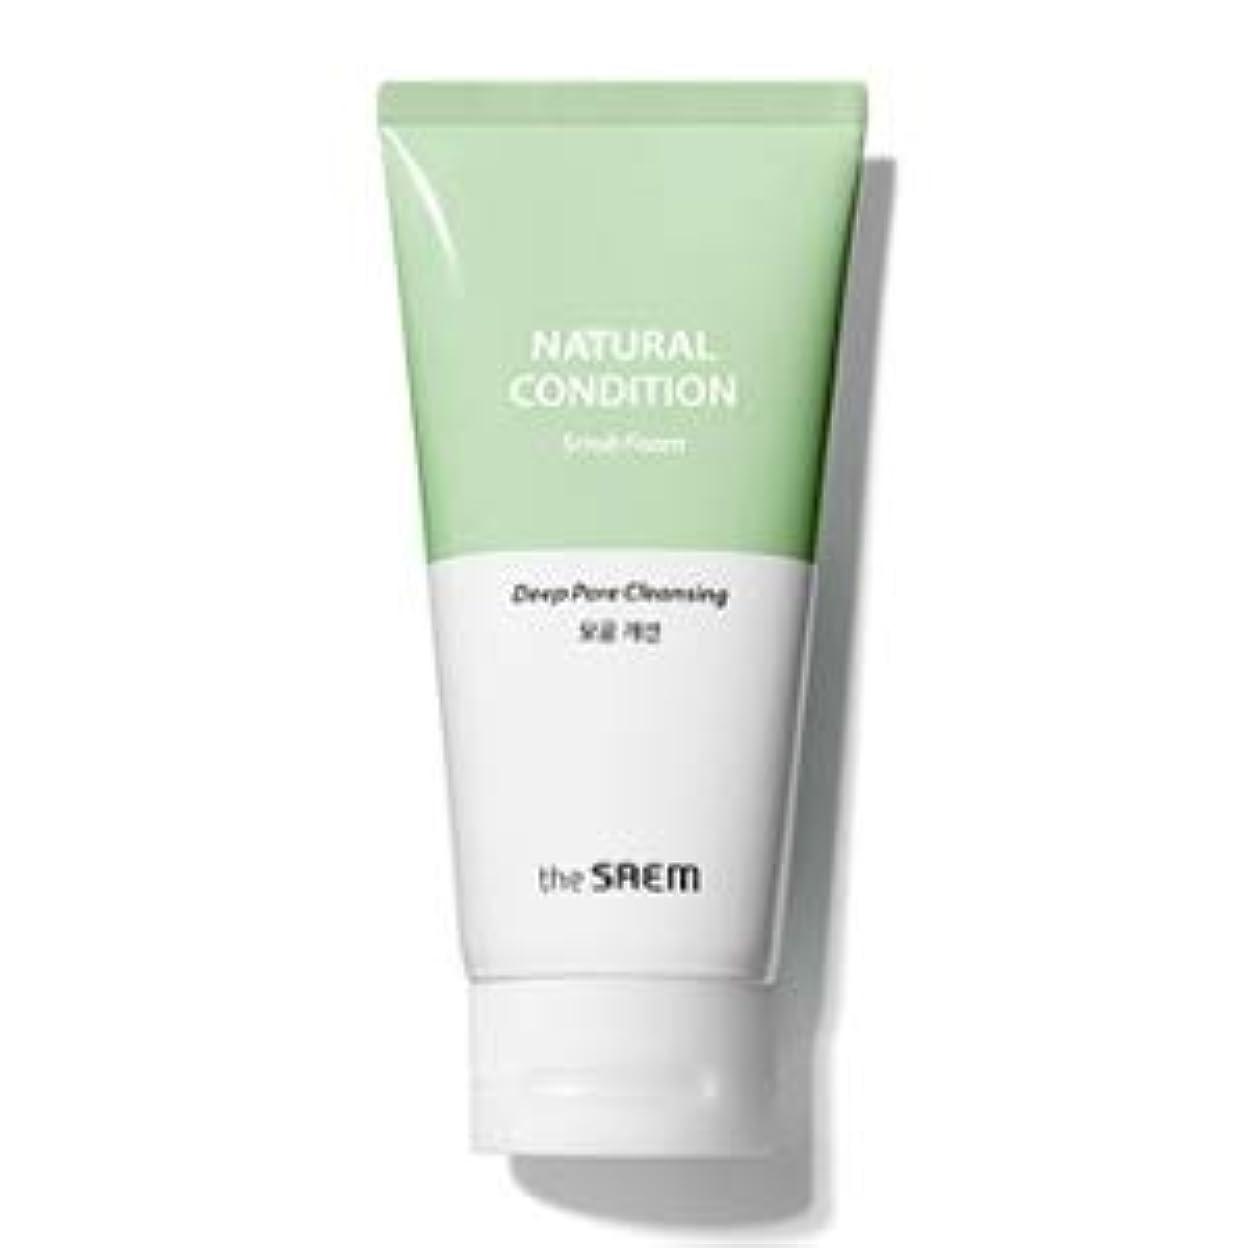 メールフィードヤングThe Saem Natural Condition Scrub Foam [Deep pore cleansing] (R)/ ザセム ナチュラルコンディションスクラブフォーム[毛穴改善] (R) [並行輸入品]